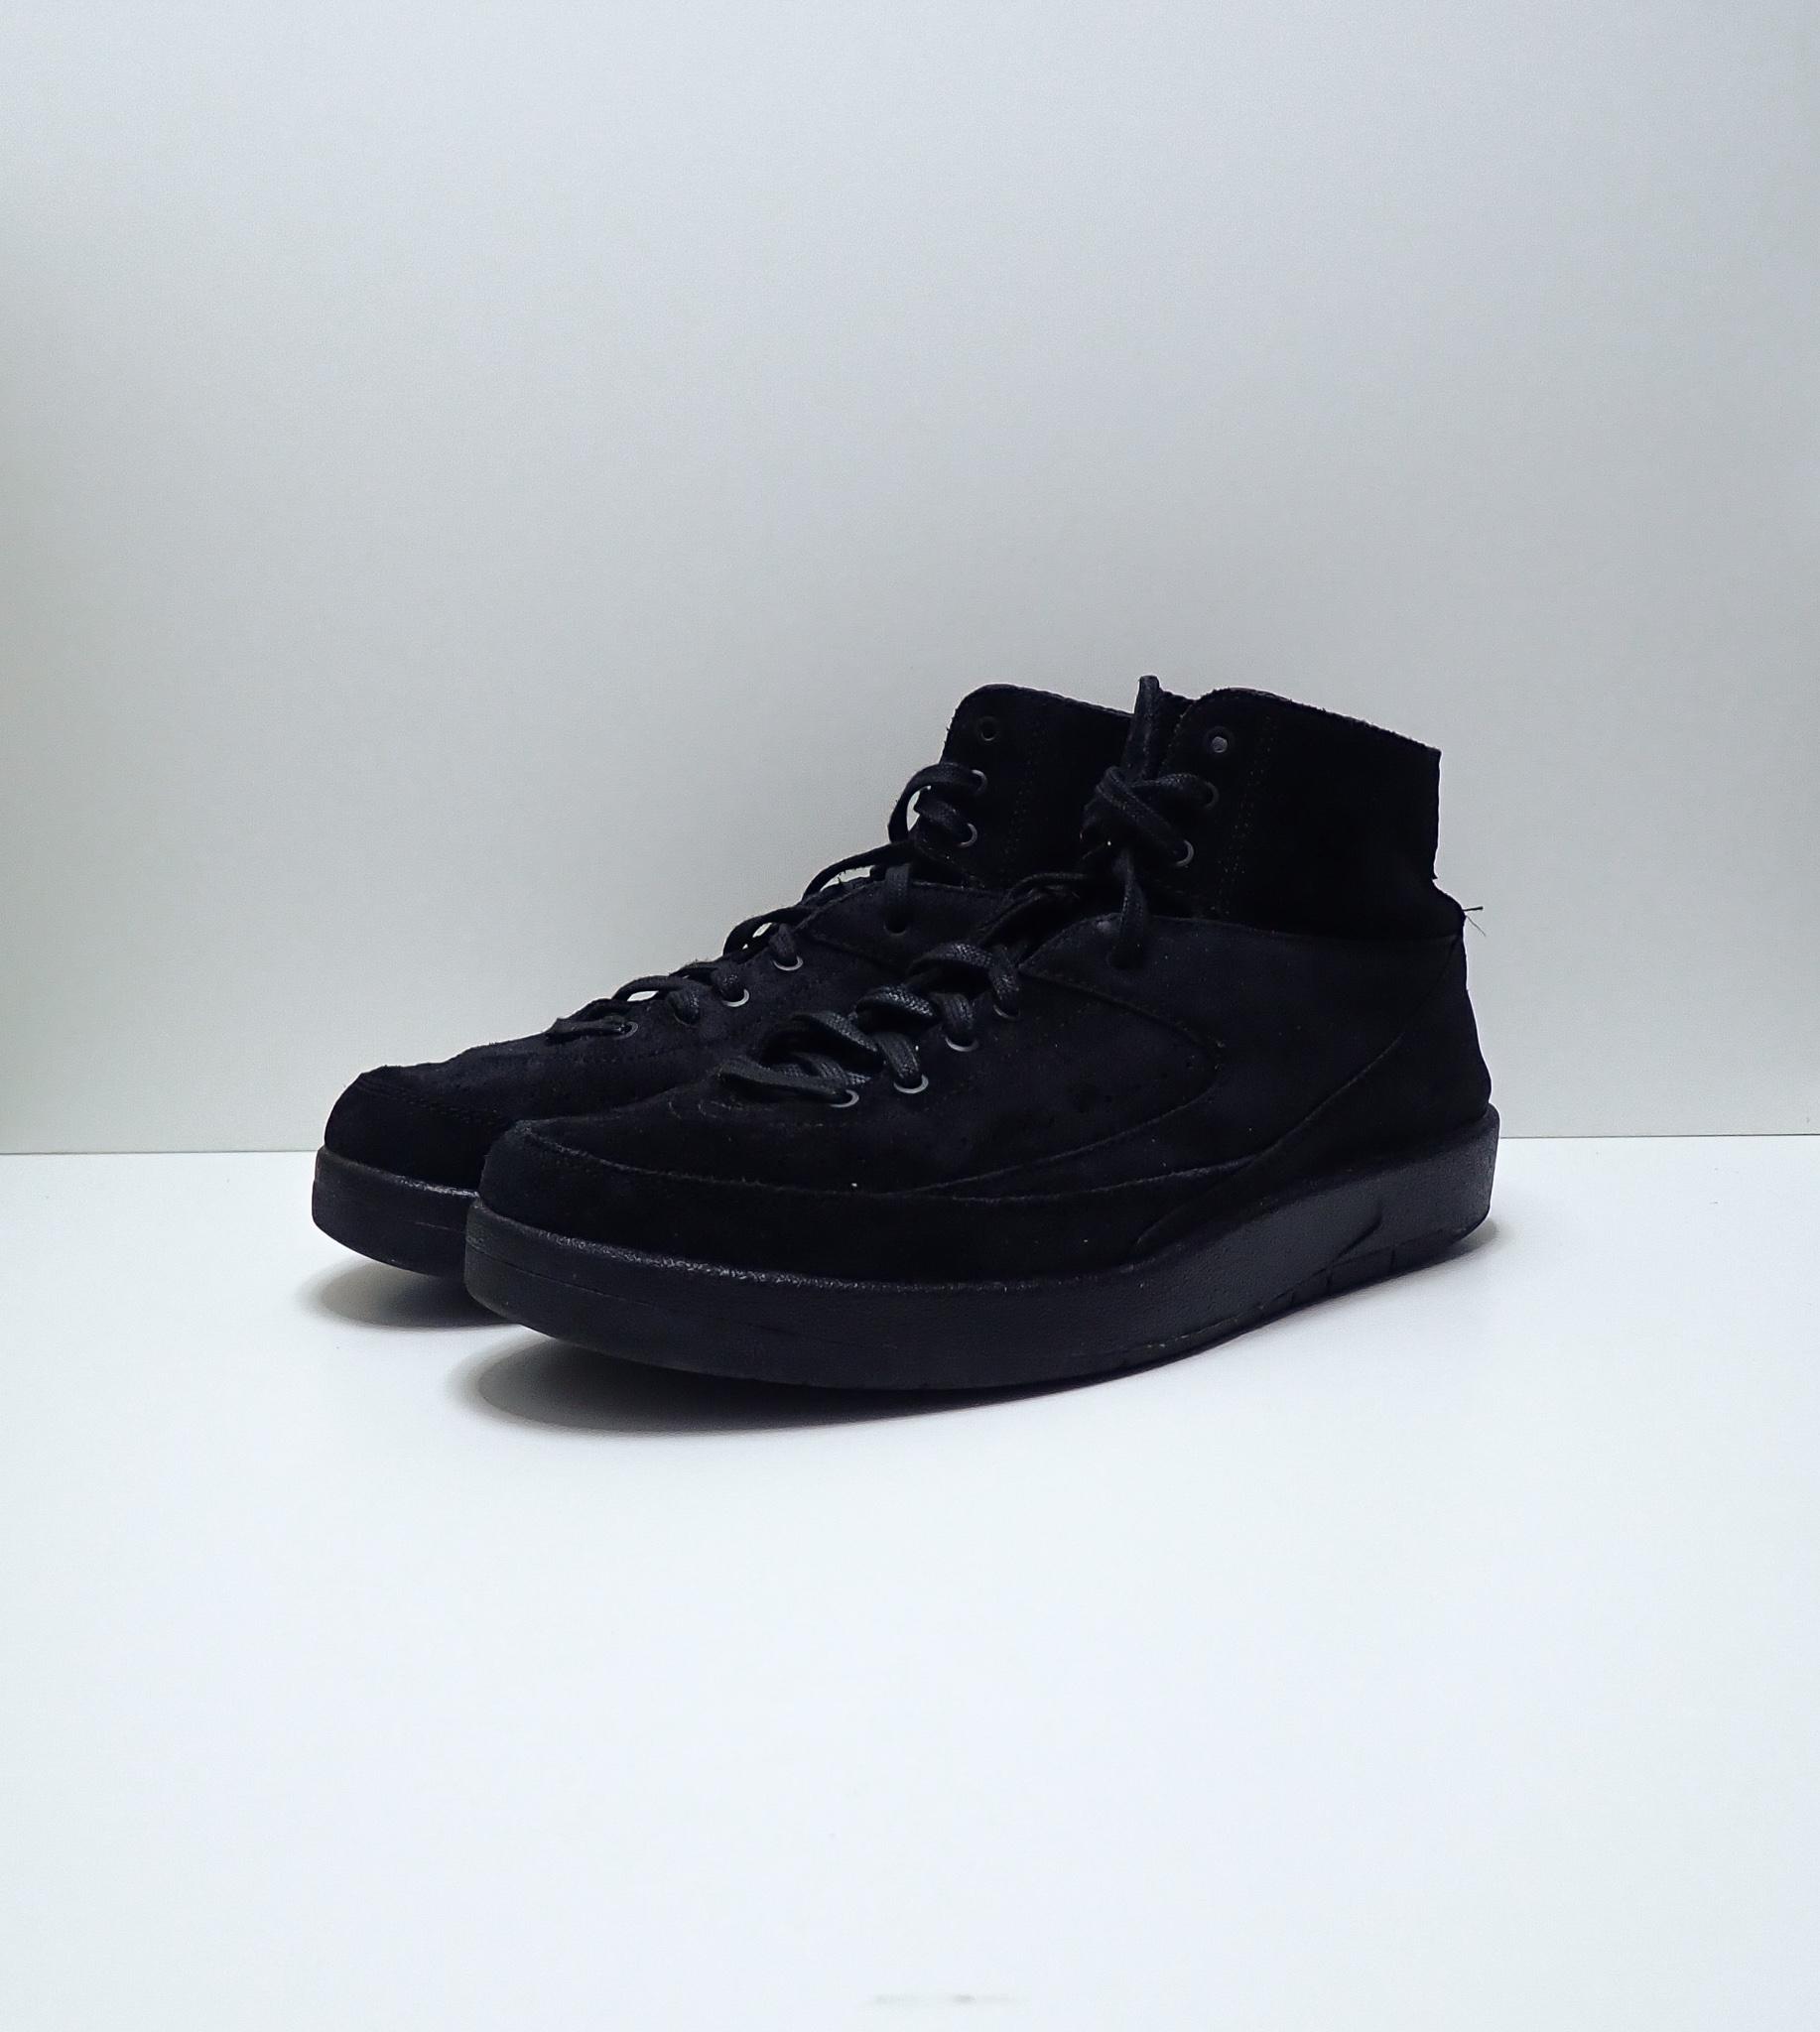 Jordan 2 Retro Decon Black